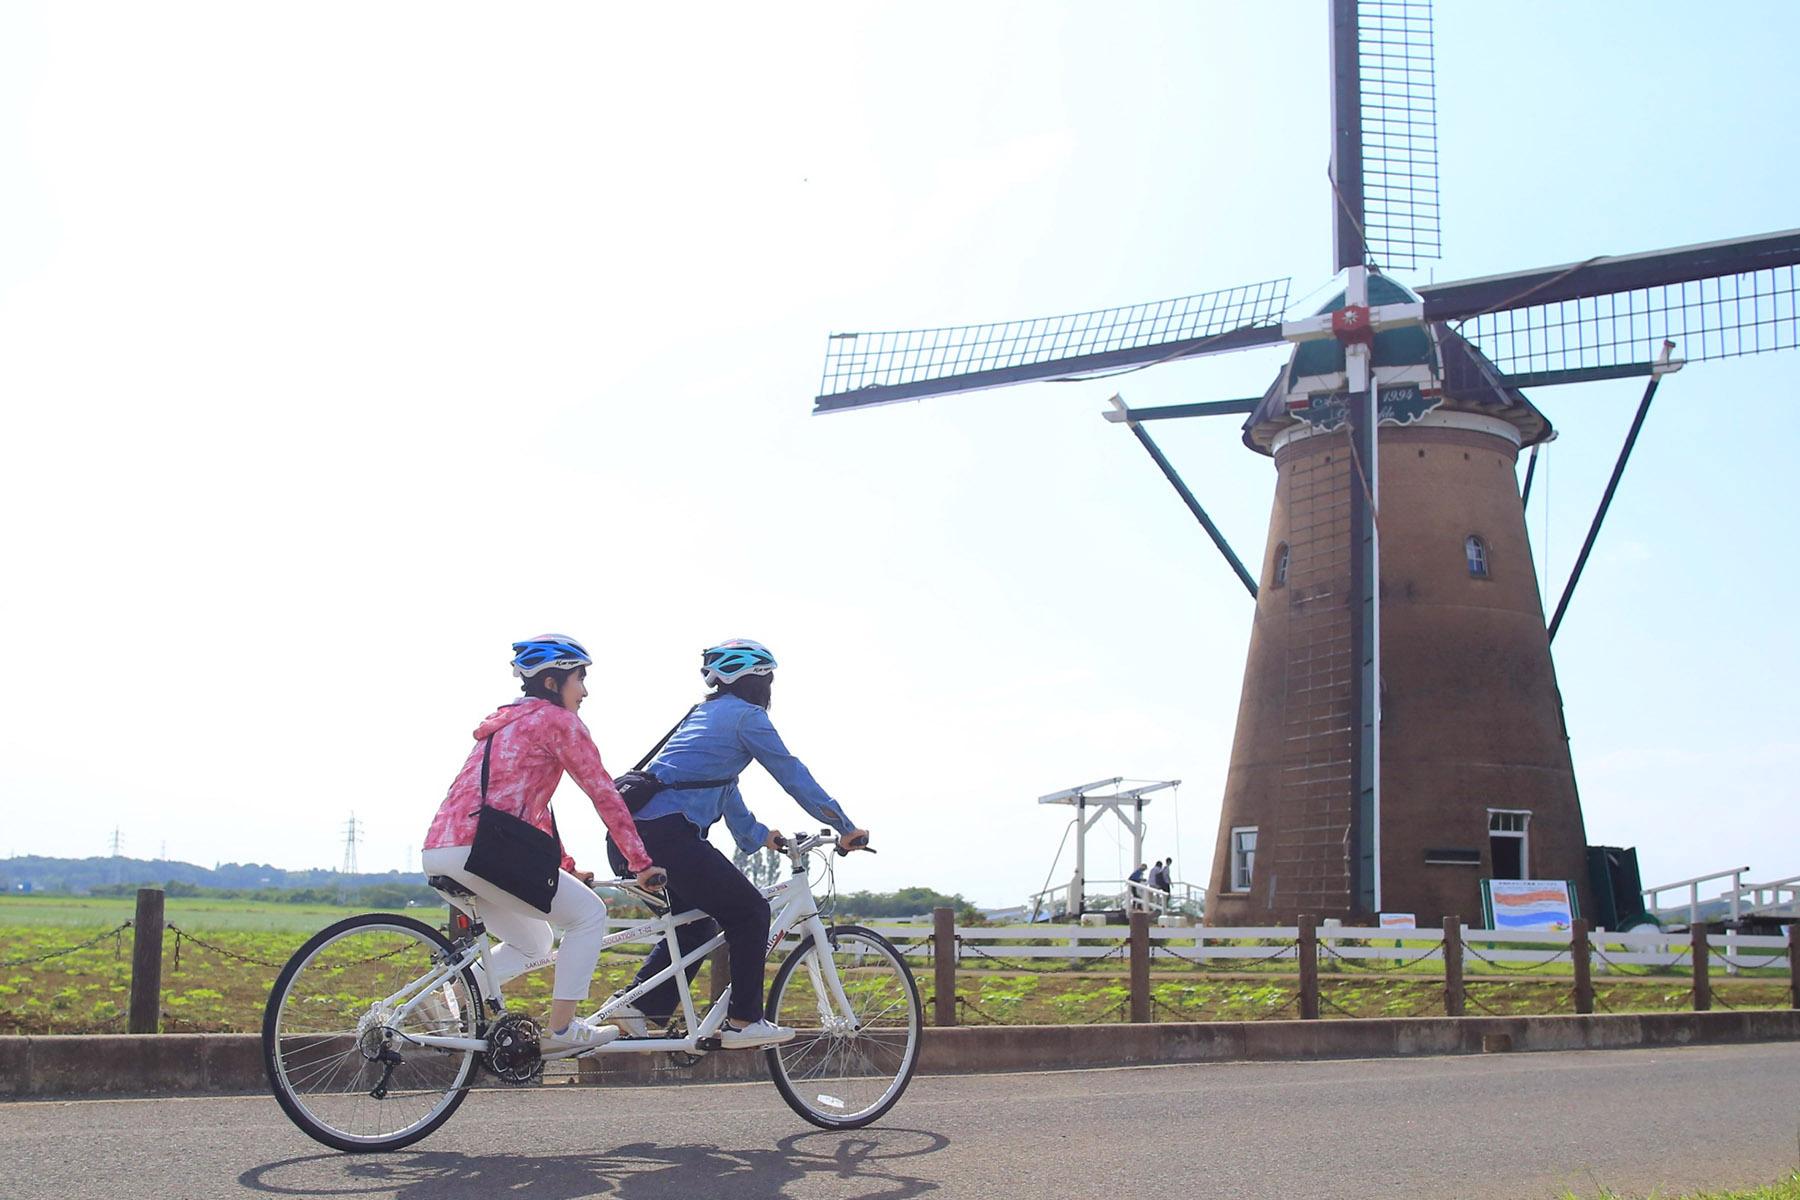 週末は印旛沼でサイクルツーリズムデビュー!? 佐倉市でタンデム自転車のレンタルがスタート!